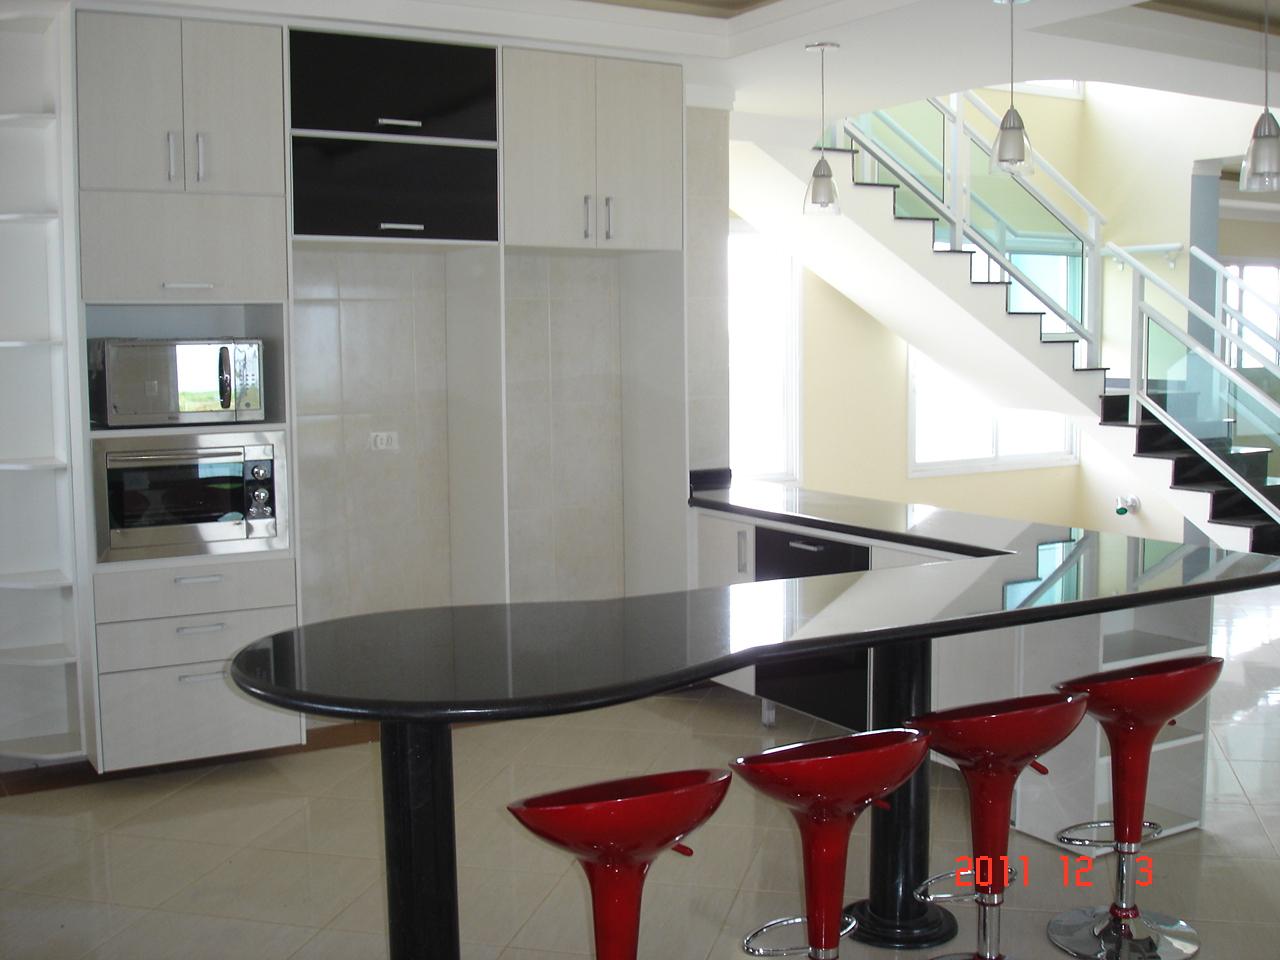 Espaço para os eletros e armários que acompanham a ilha da cozinha. #631C1C 1280 960